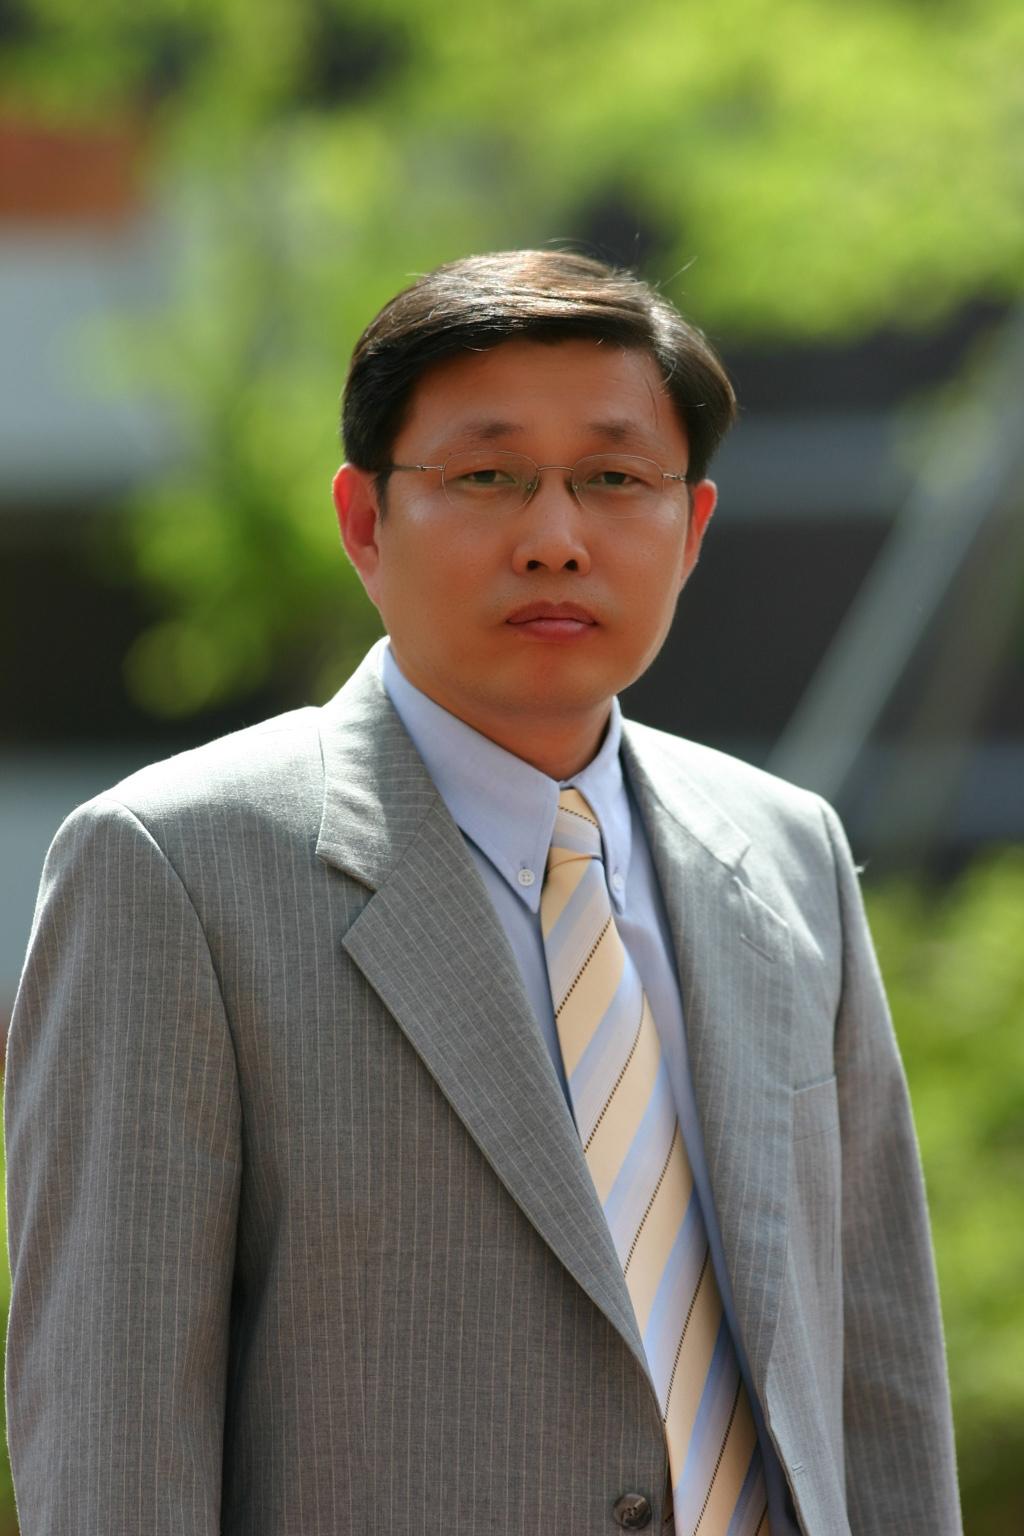 장봉석 교수 사진